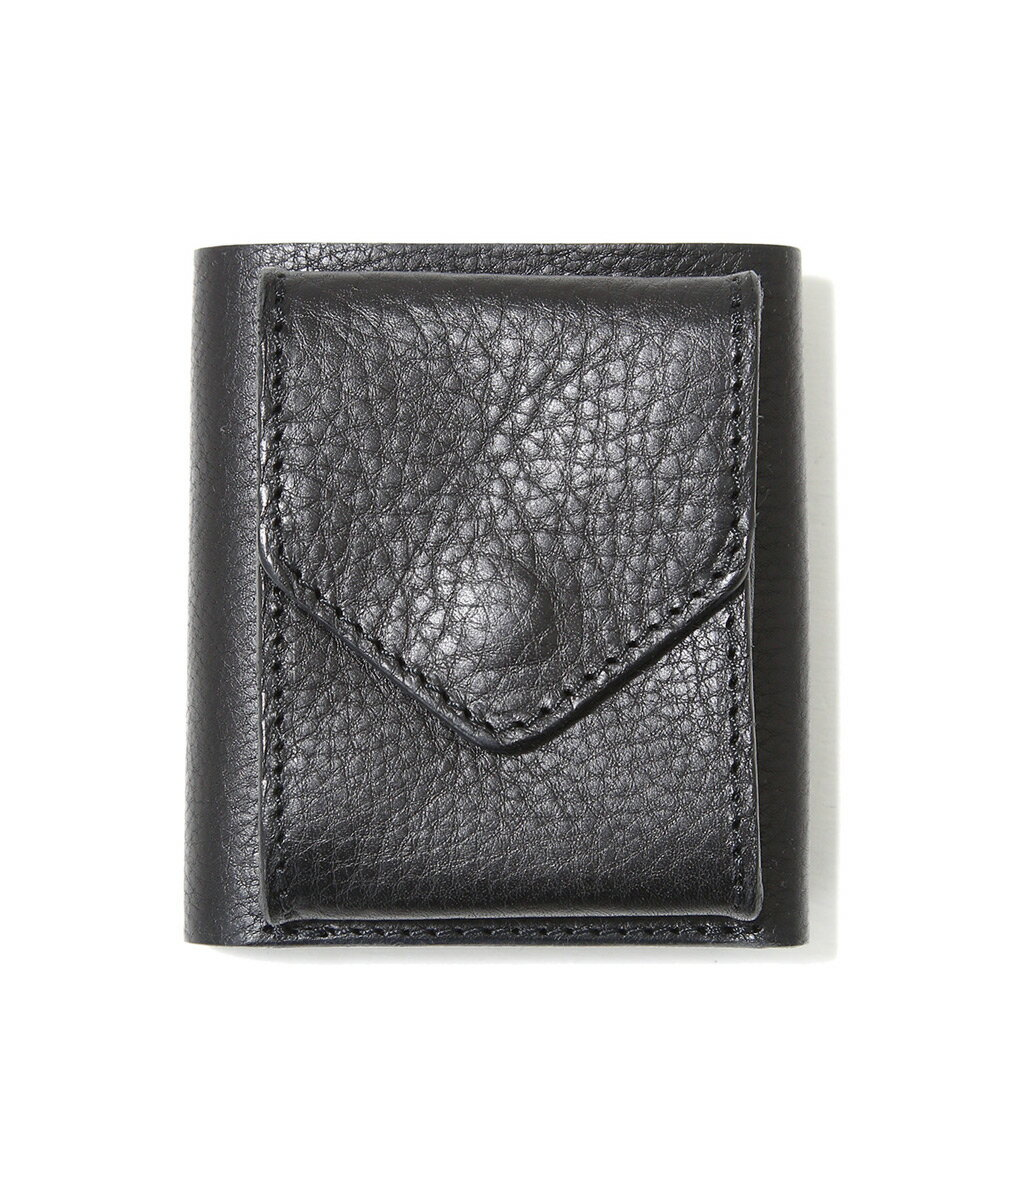 財布・ケース, メンズ財布 Hender Scheme trifold wallet 2 ot-rc-twt RIPBJBANN